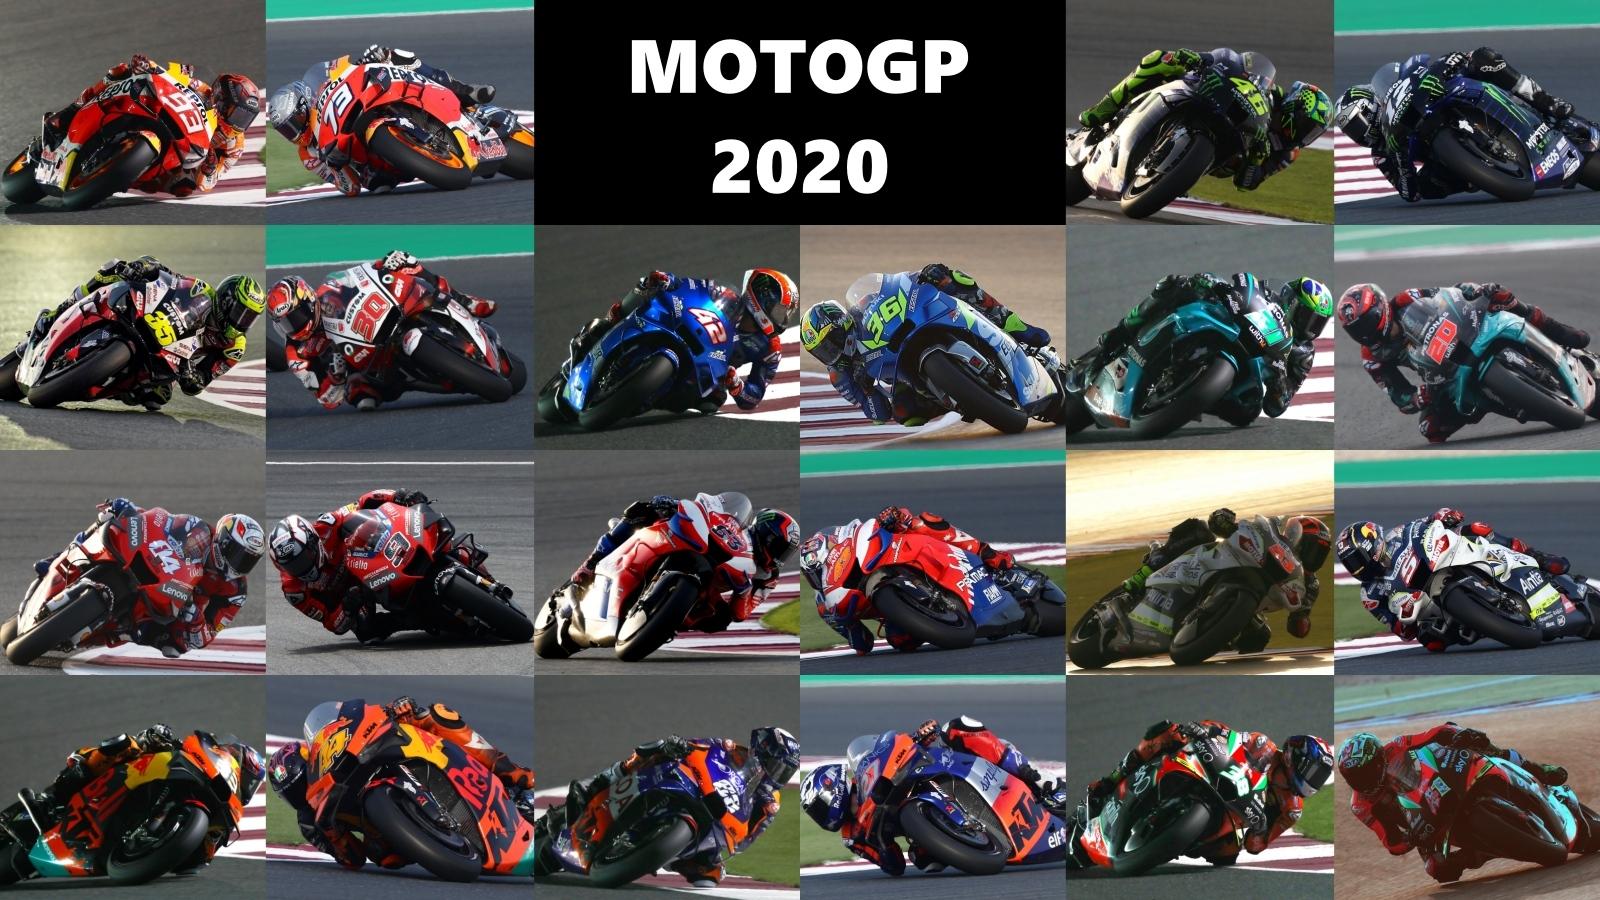 Los 22 pilotos de MotoGP 2020, en números